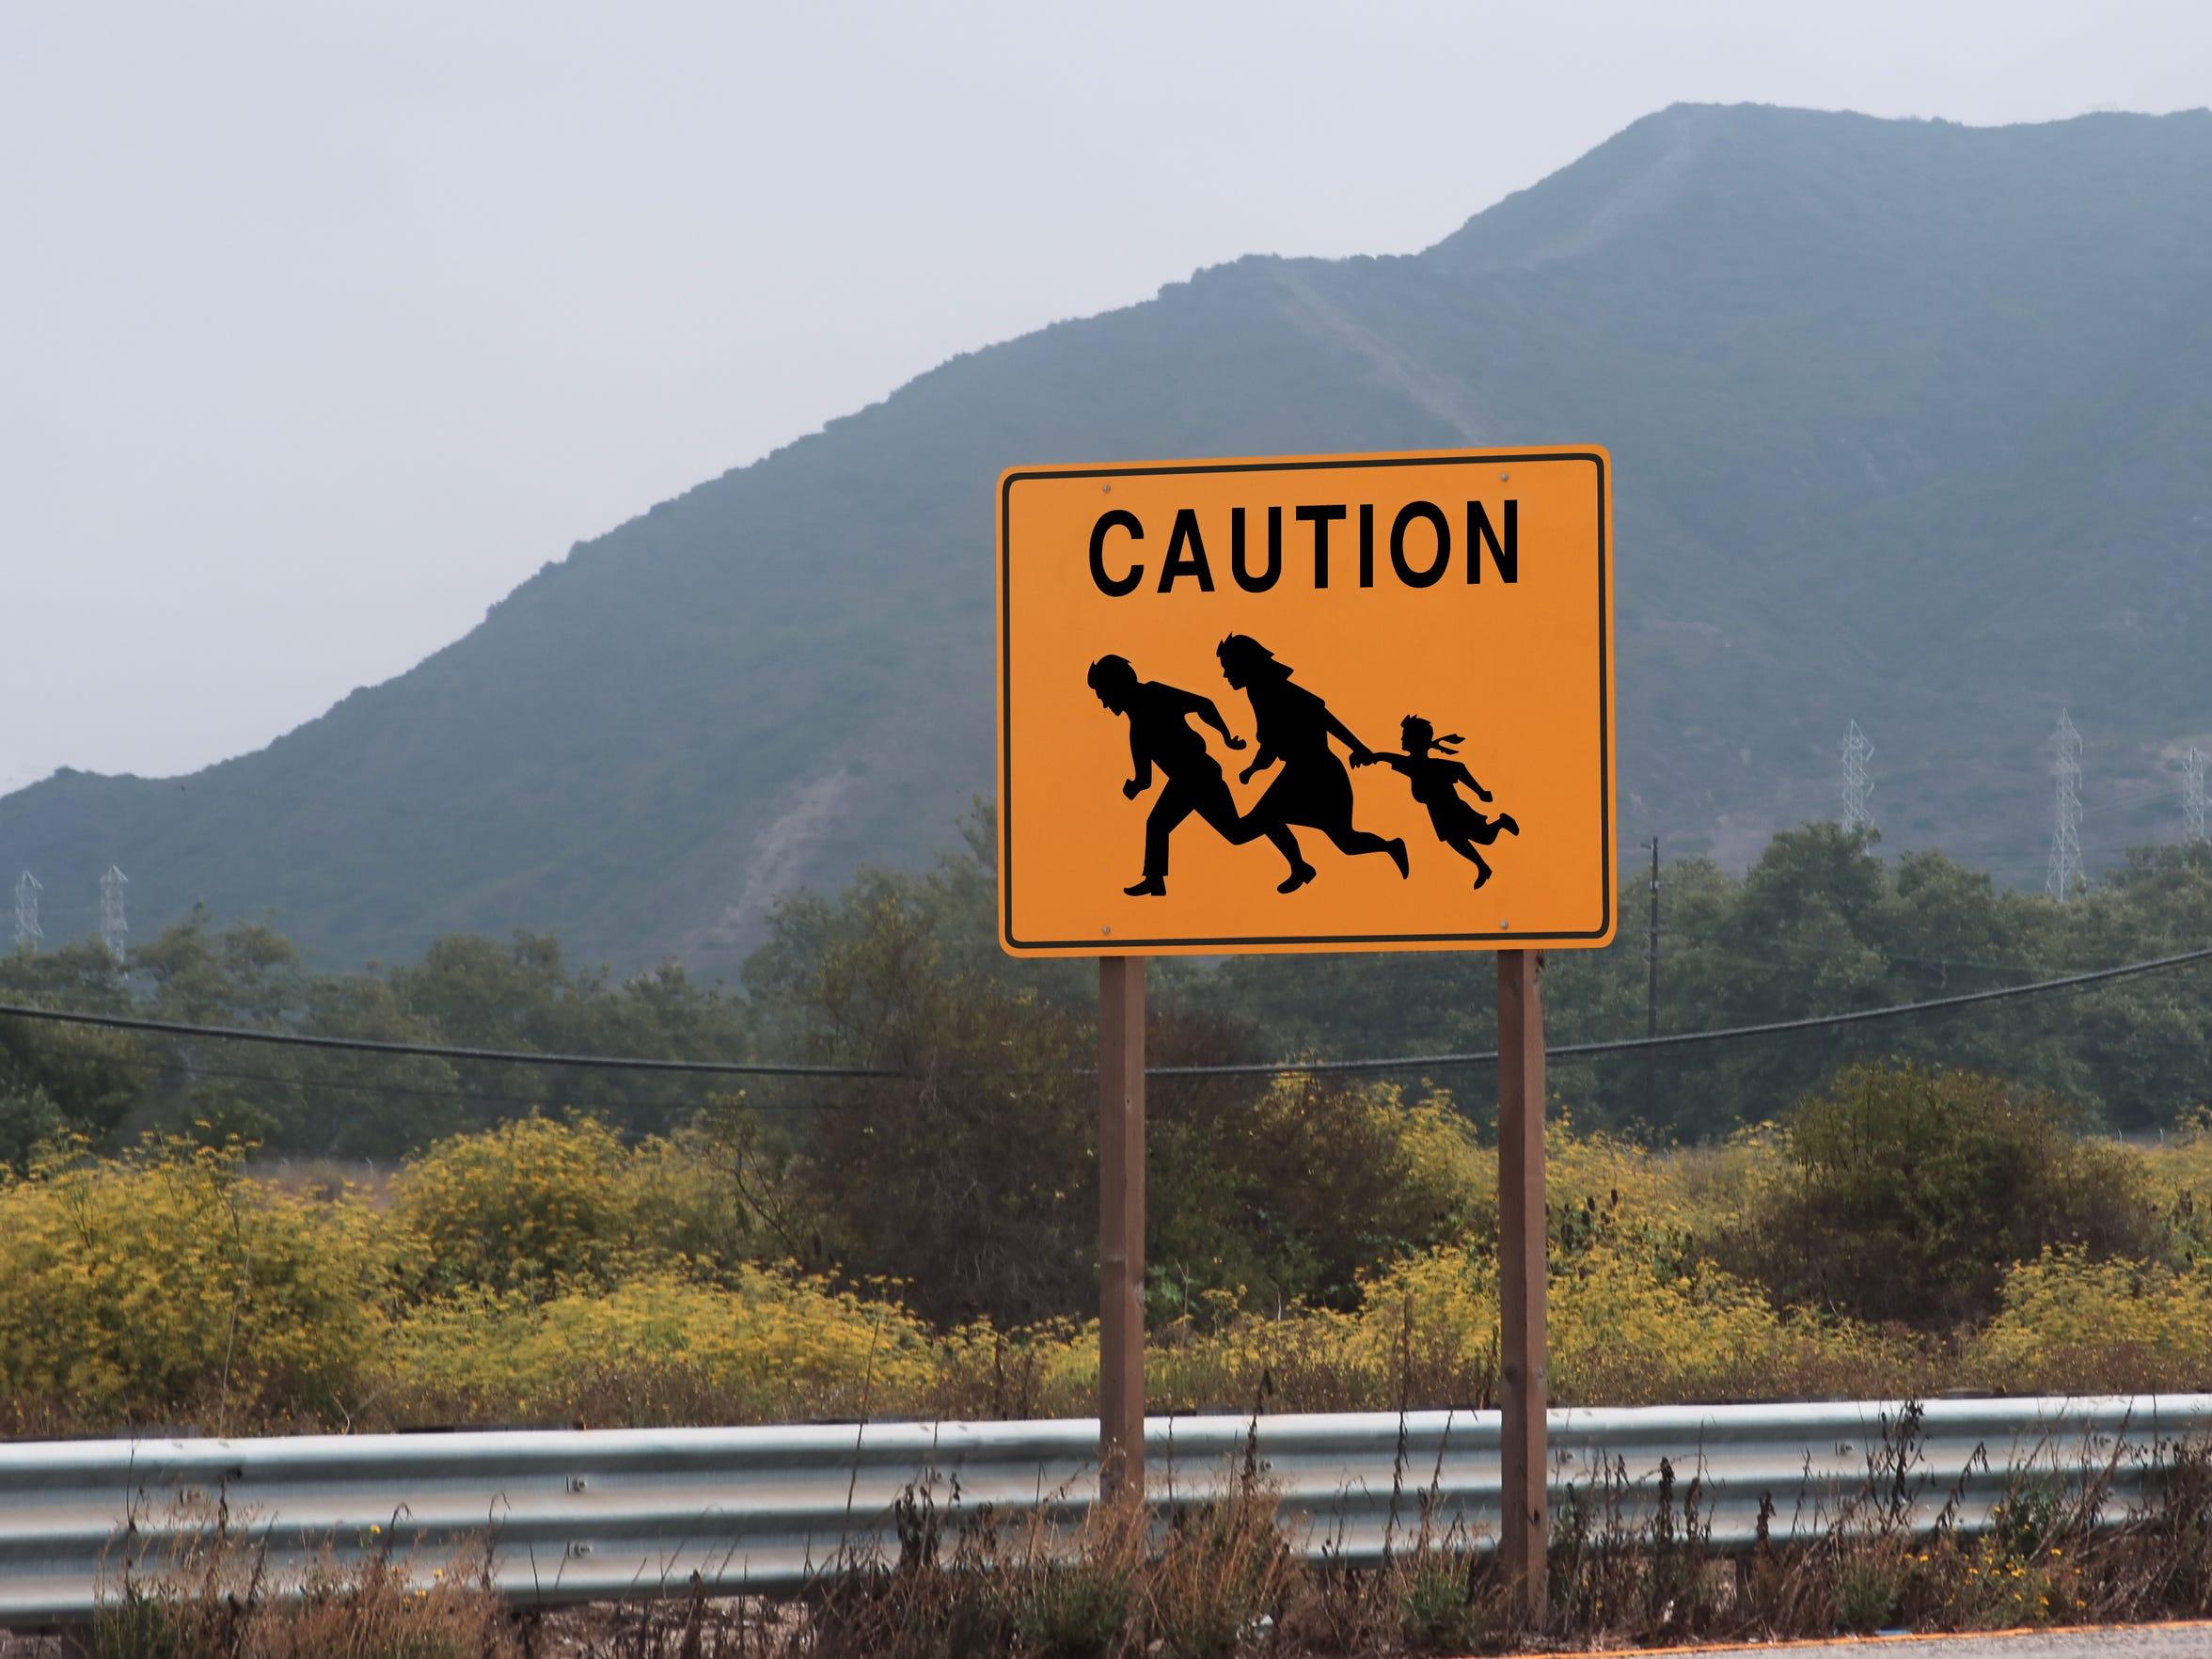 Debido al peligro que enfrentan, los migrantes buscan